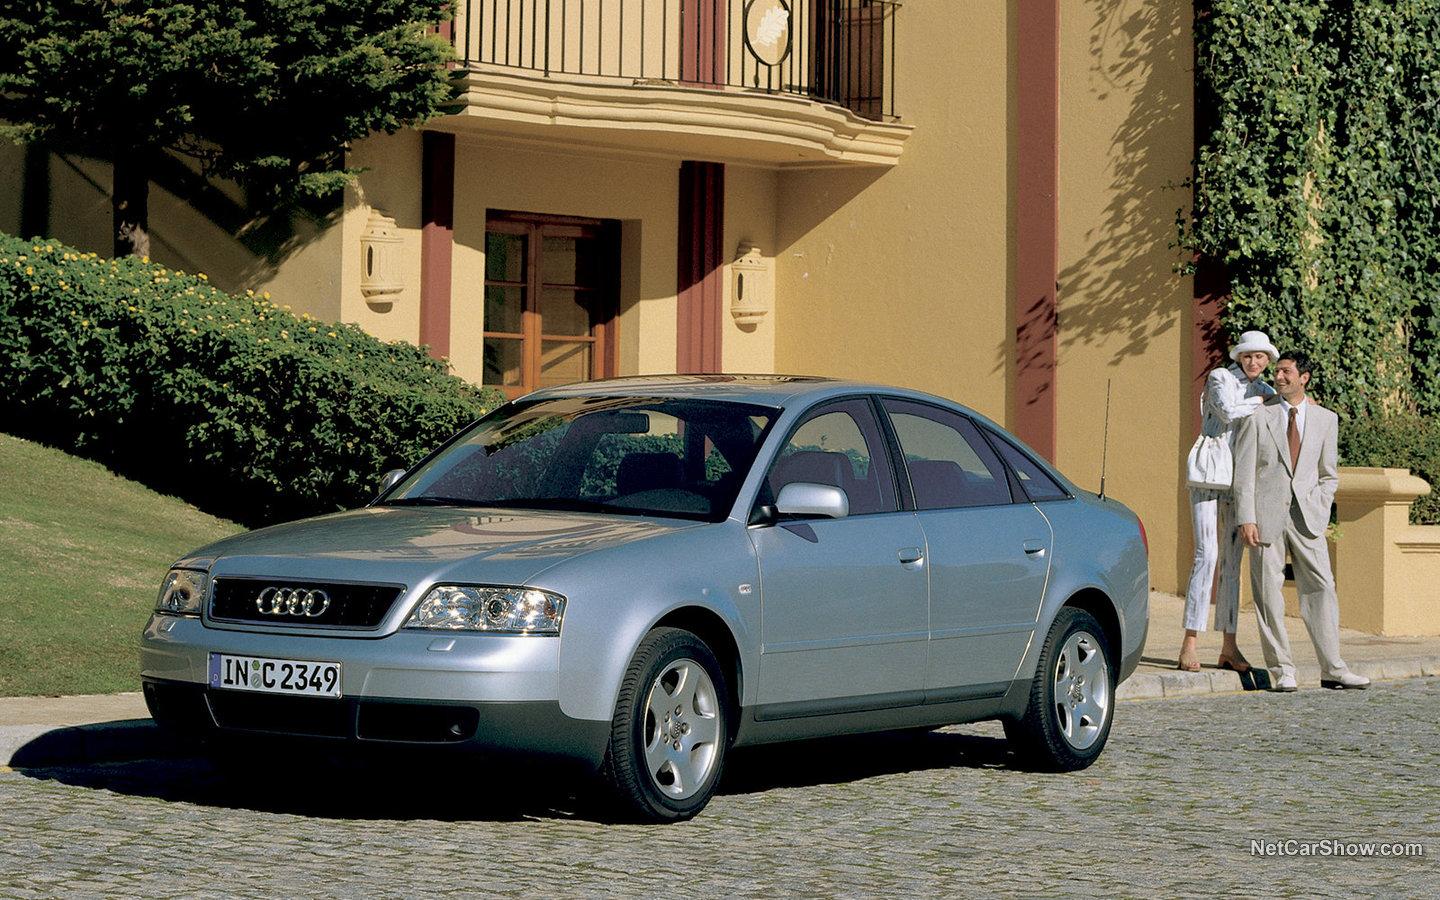 Audi A6 1998 7da0277f